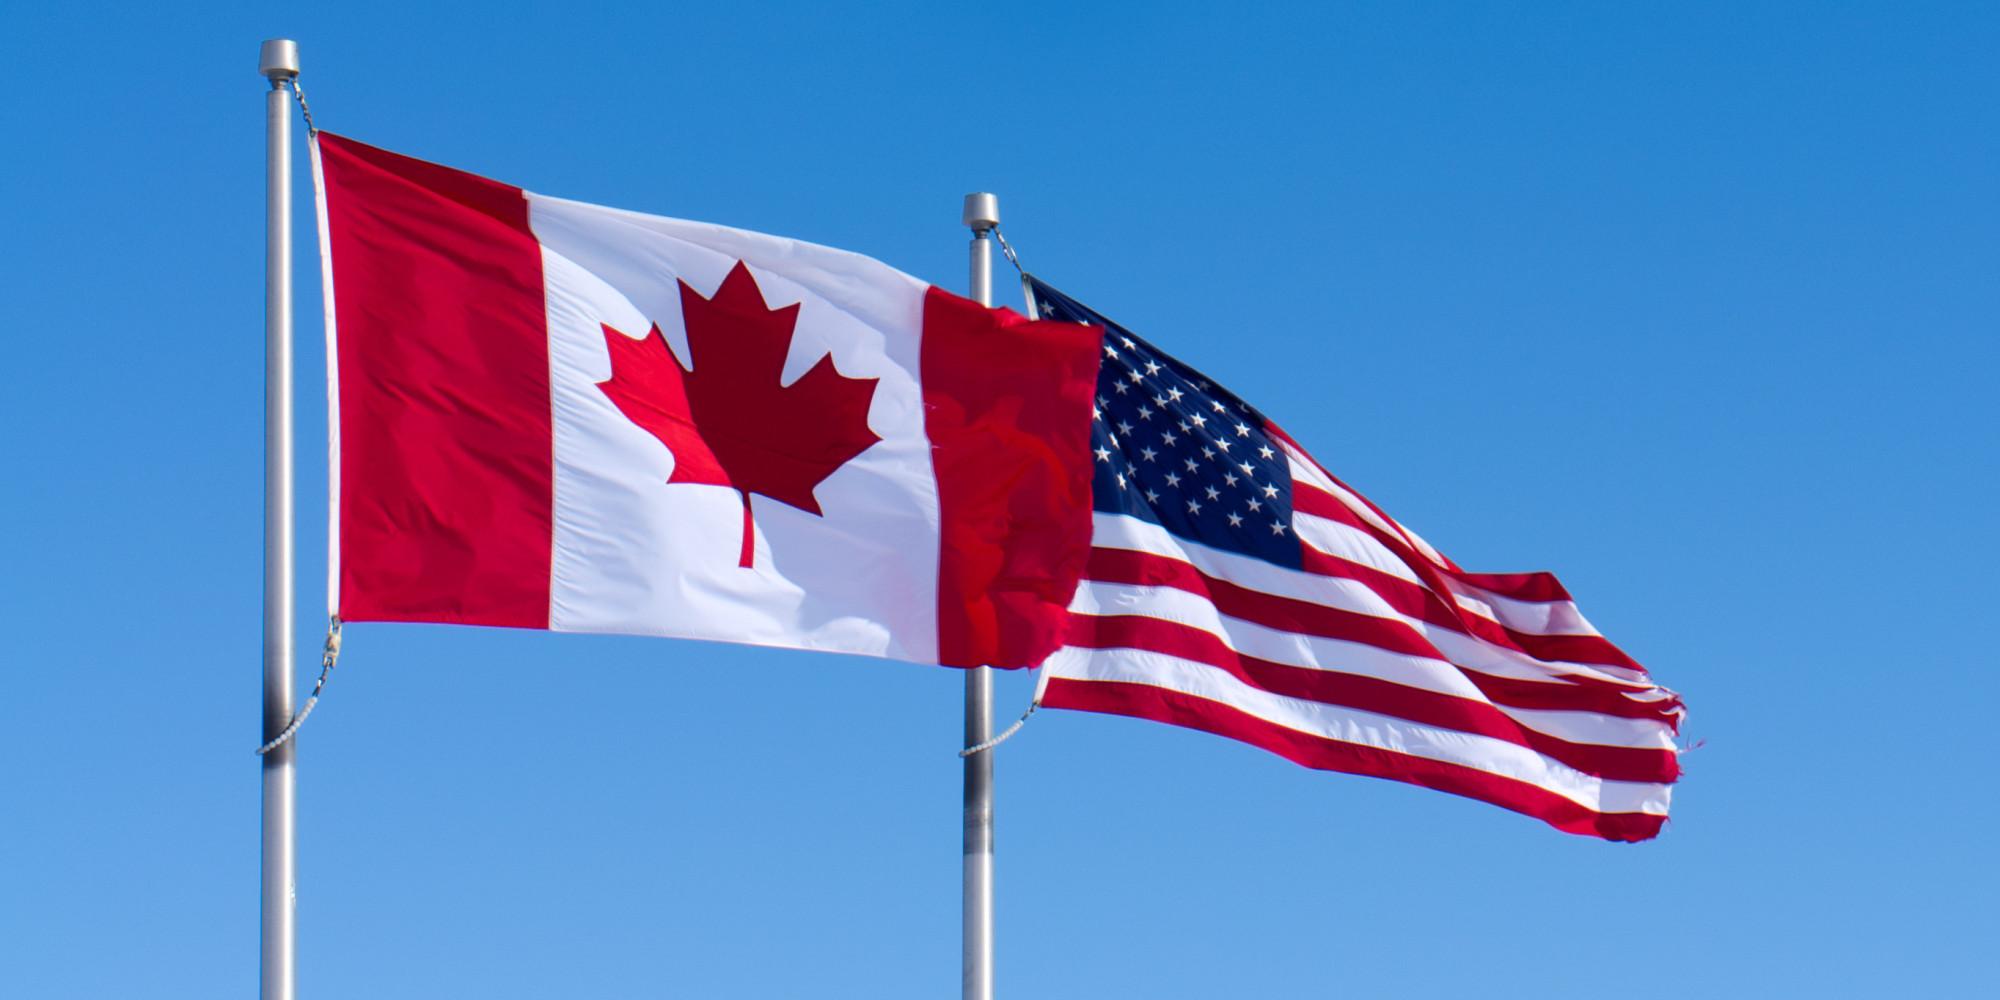 Tôi Có Thẻ Thường Trú Tại Mỹ (Thẻ Xanh). Tôi Có Cần Visa Hay Một ETA Đến Thăm Canada Không Hoặc Tôi Có Thể Sử Dụng Thẻ Xanh Của Tôi Thôi Không?